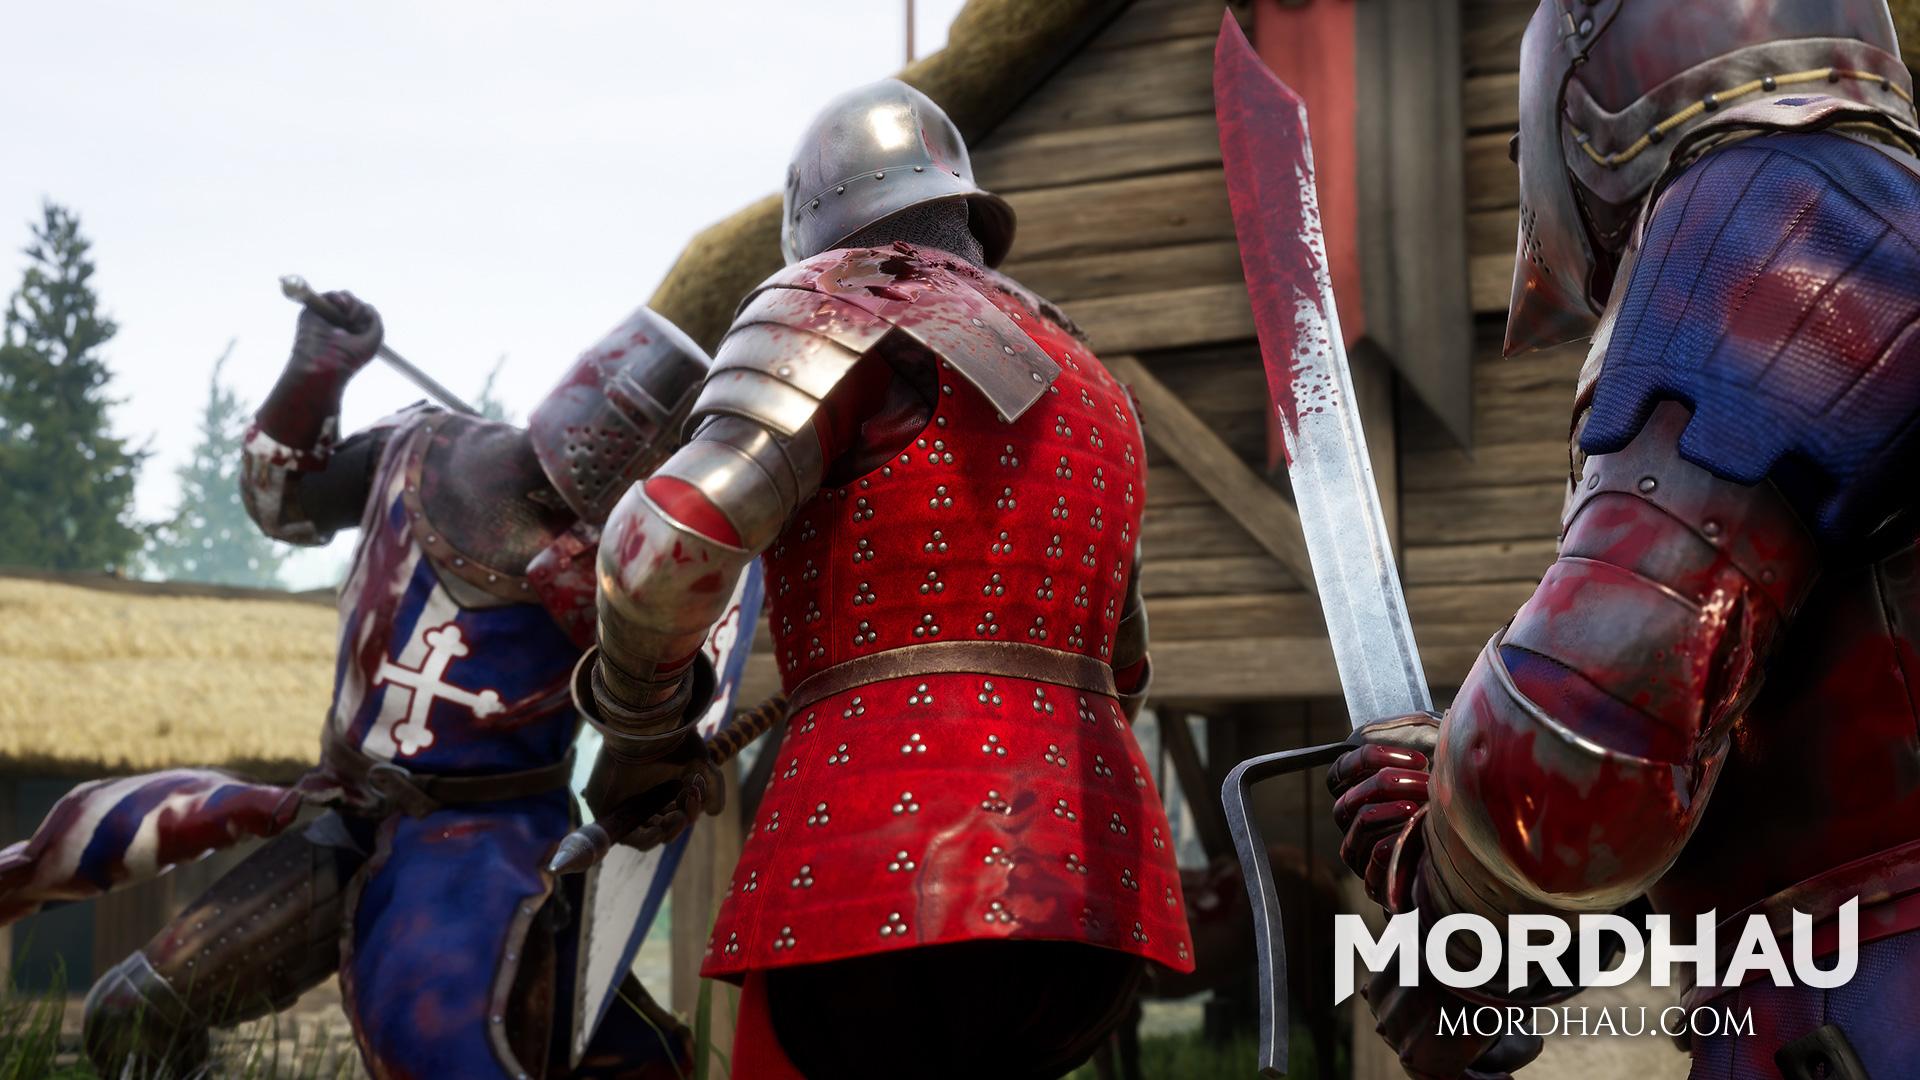 Mordhau: Multiplayer medieval melee game - Mordhau com